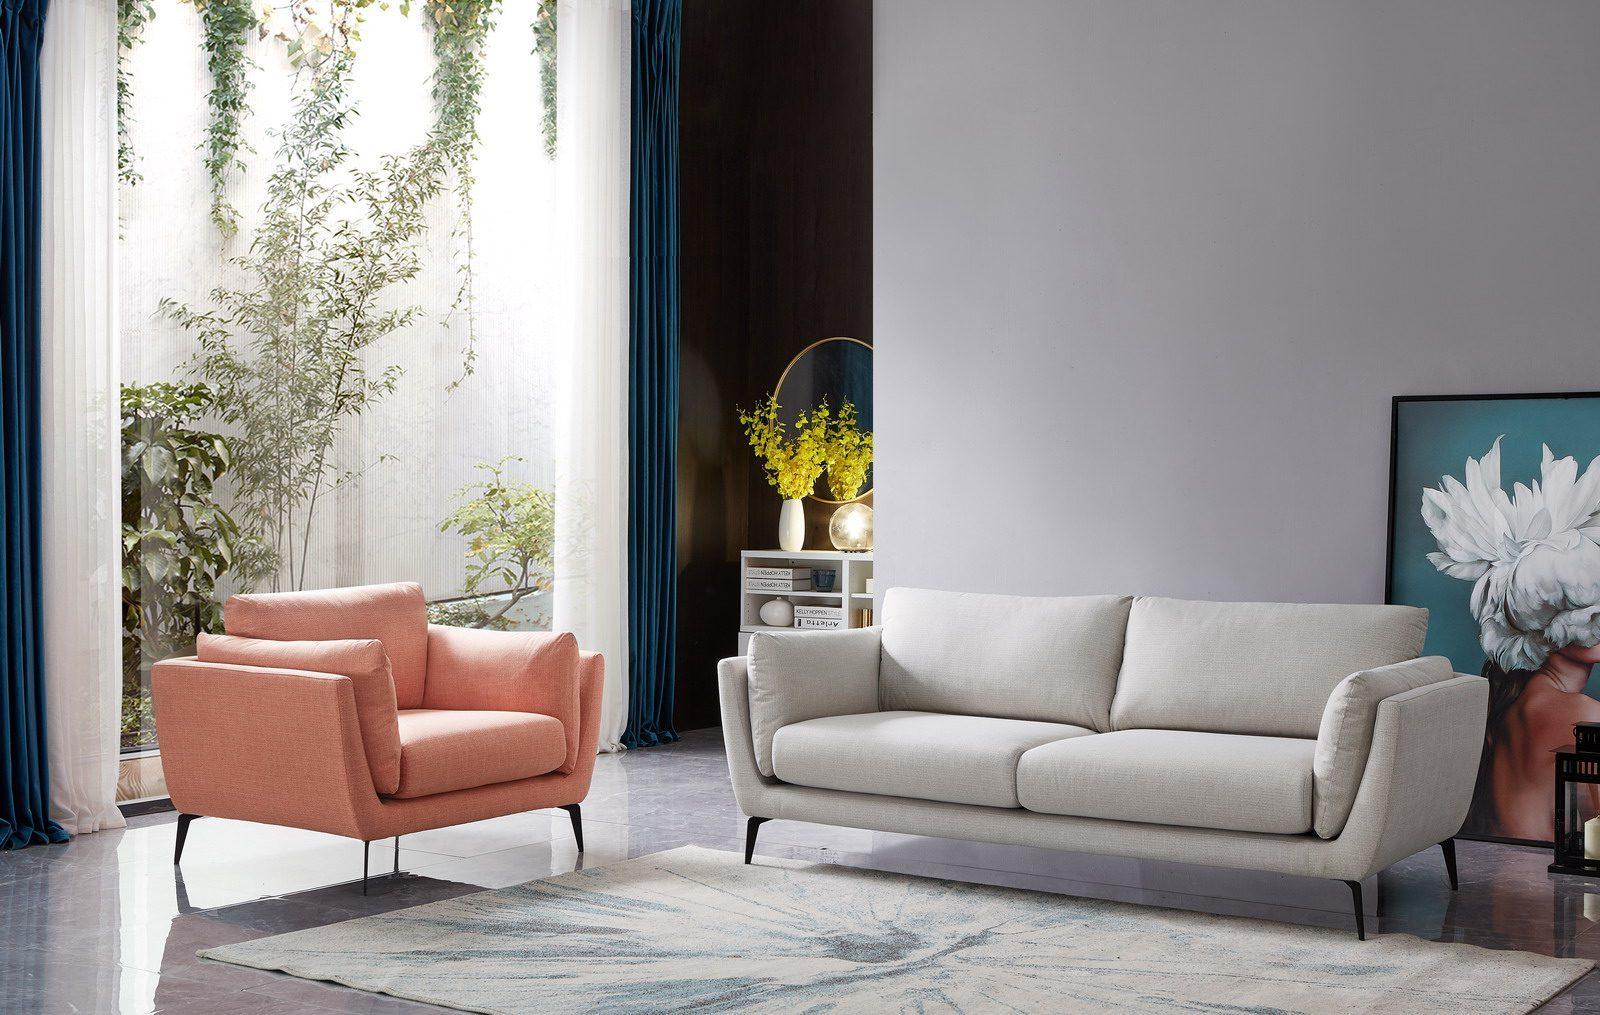 Набор мягкой мебели AMSTERDAM 5176 beige+coral